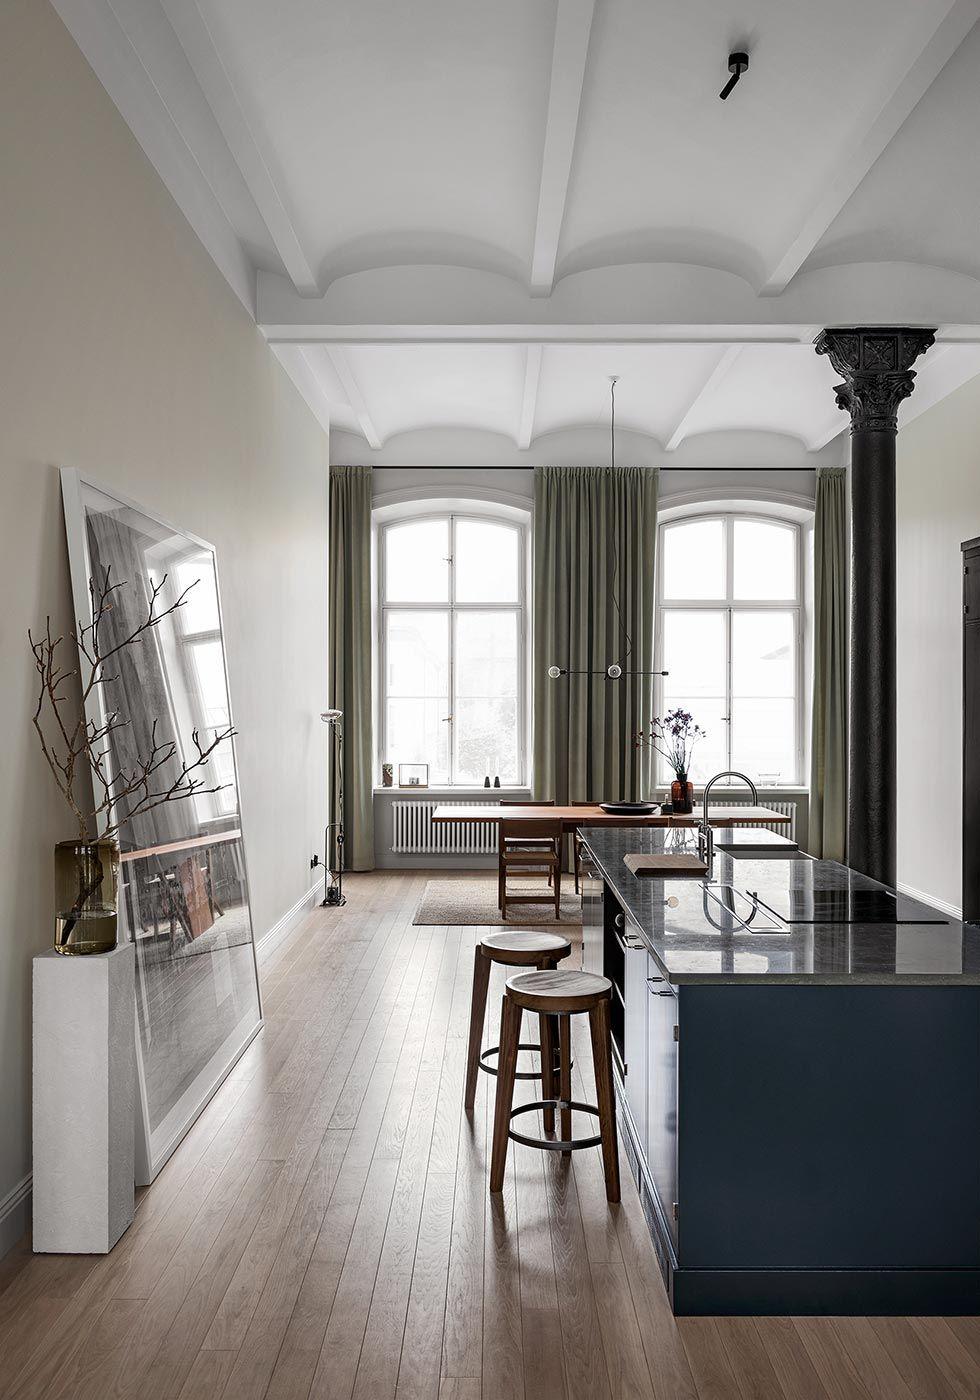 Photo of Nordic Interior Design Minimalism | Abitare Blog